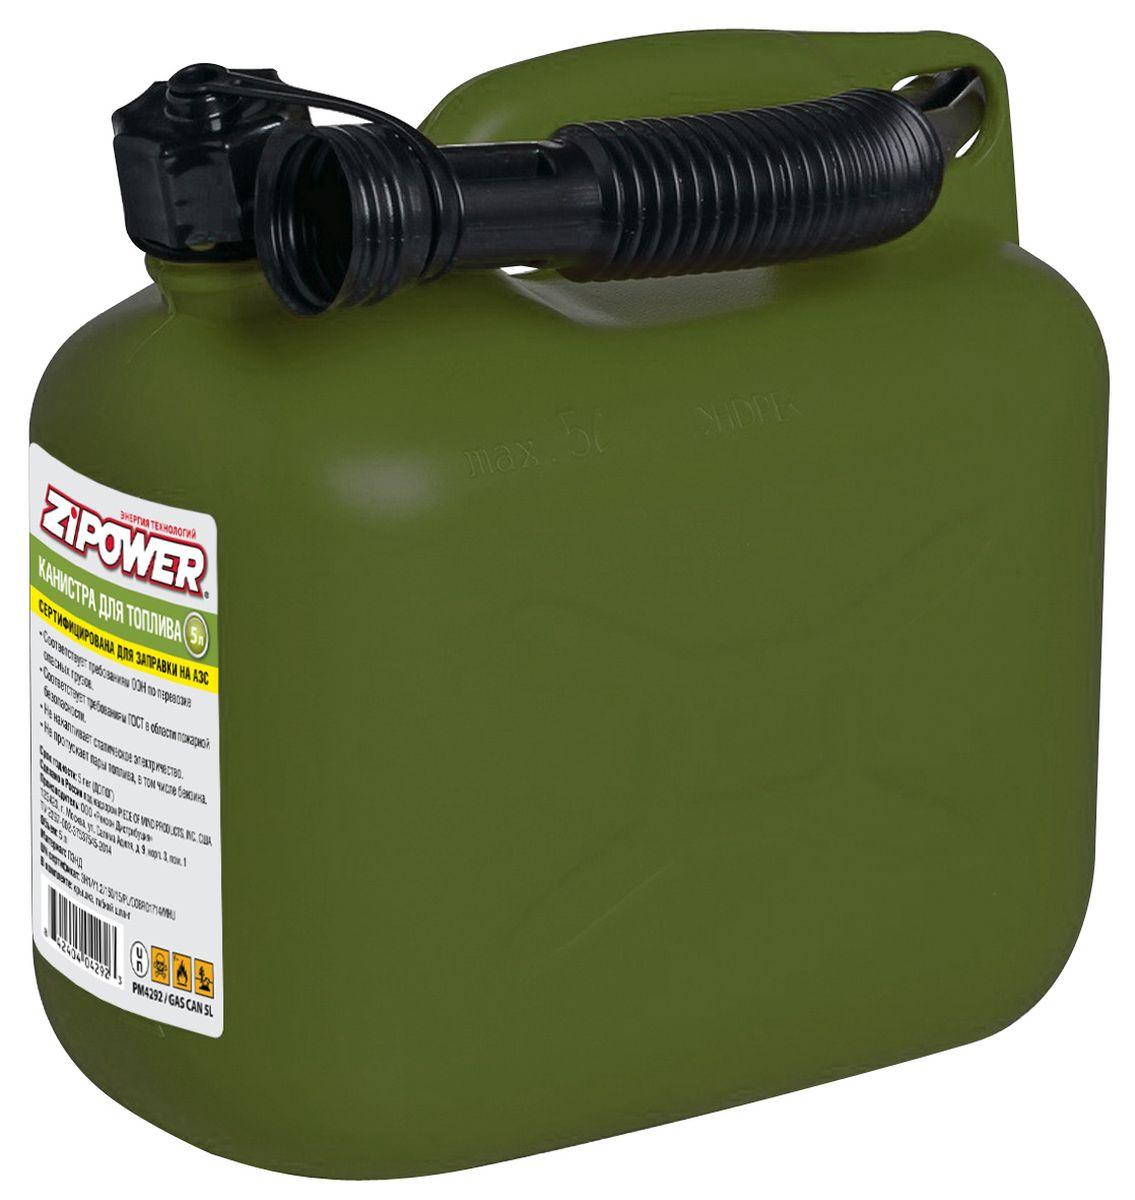 Канистра для топлива Zipower, цвет: оливковый, 5 л канистра пластиковая phantom для гсм 5 л